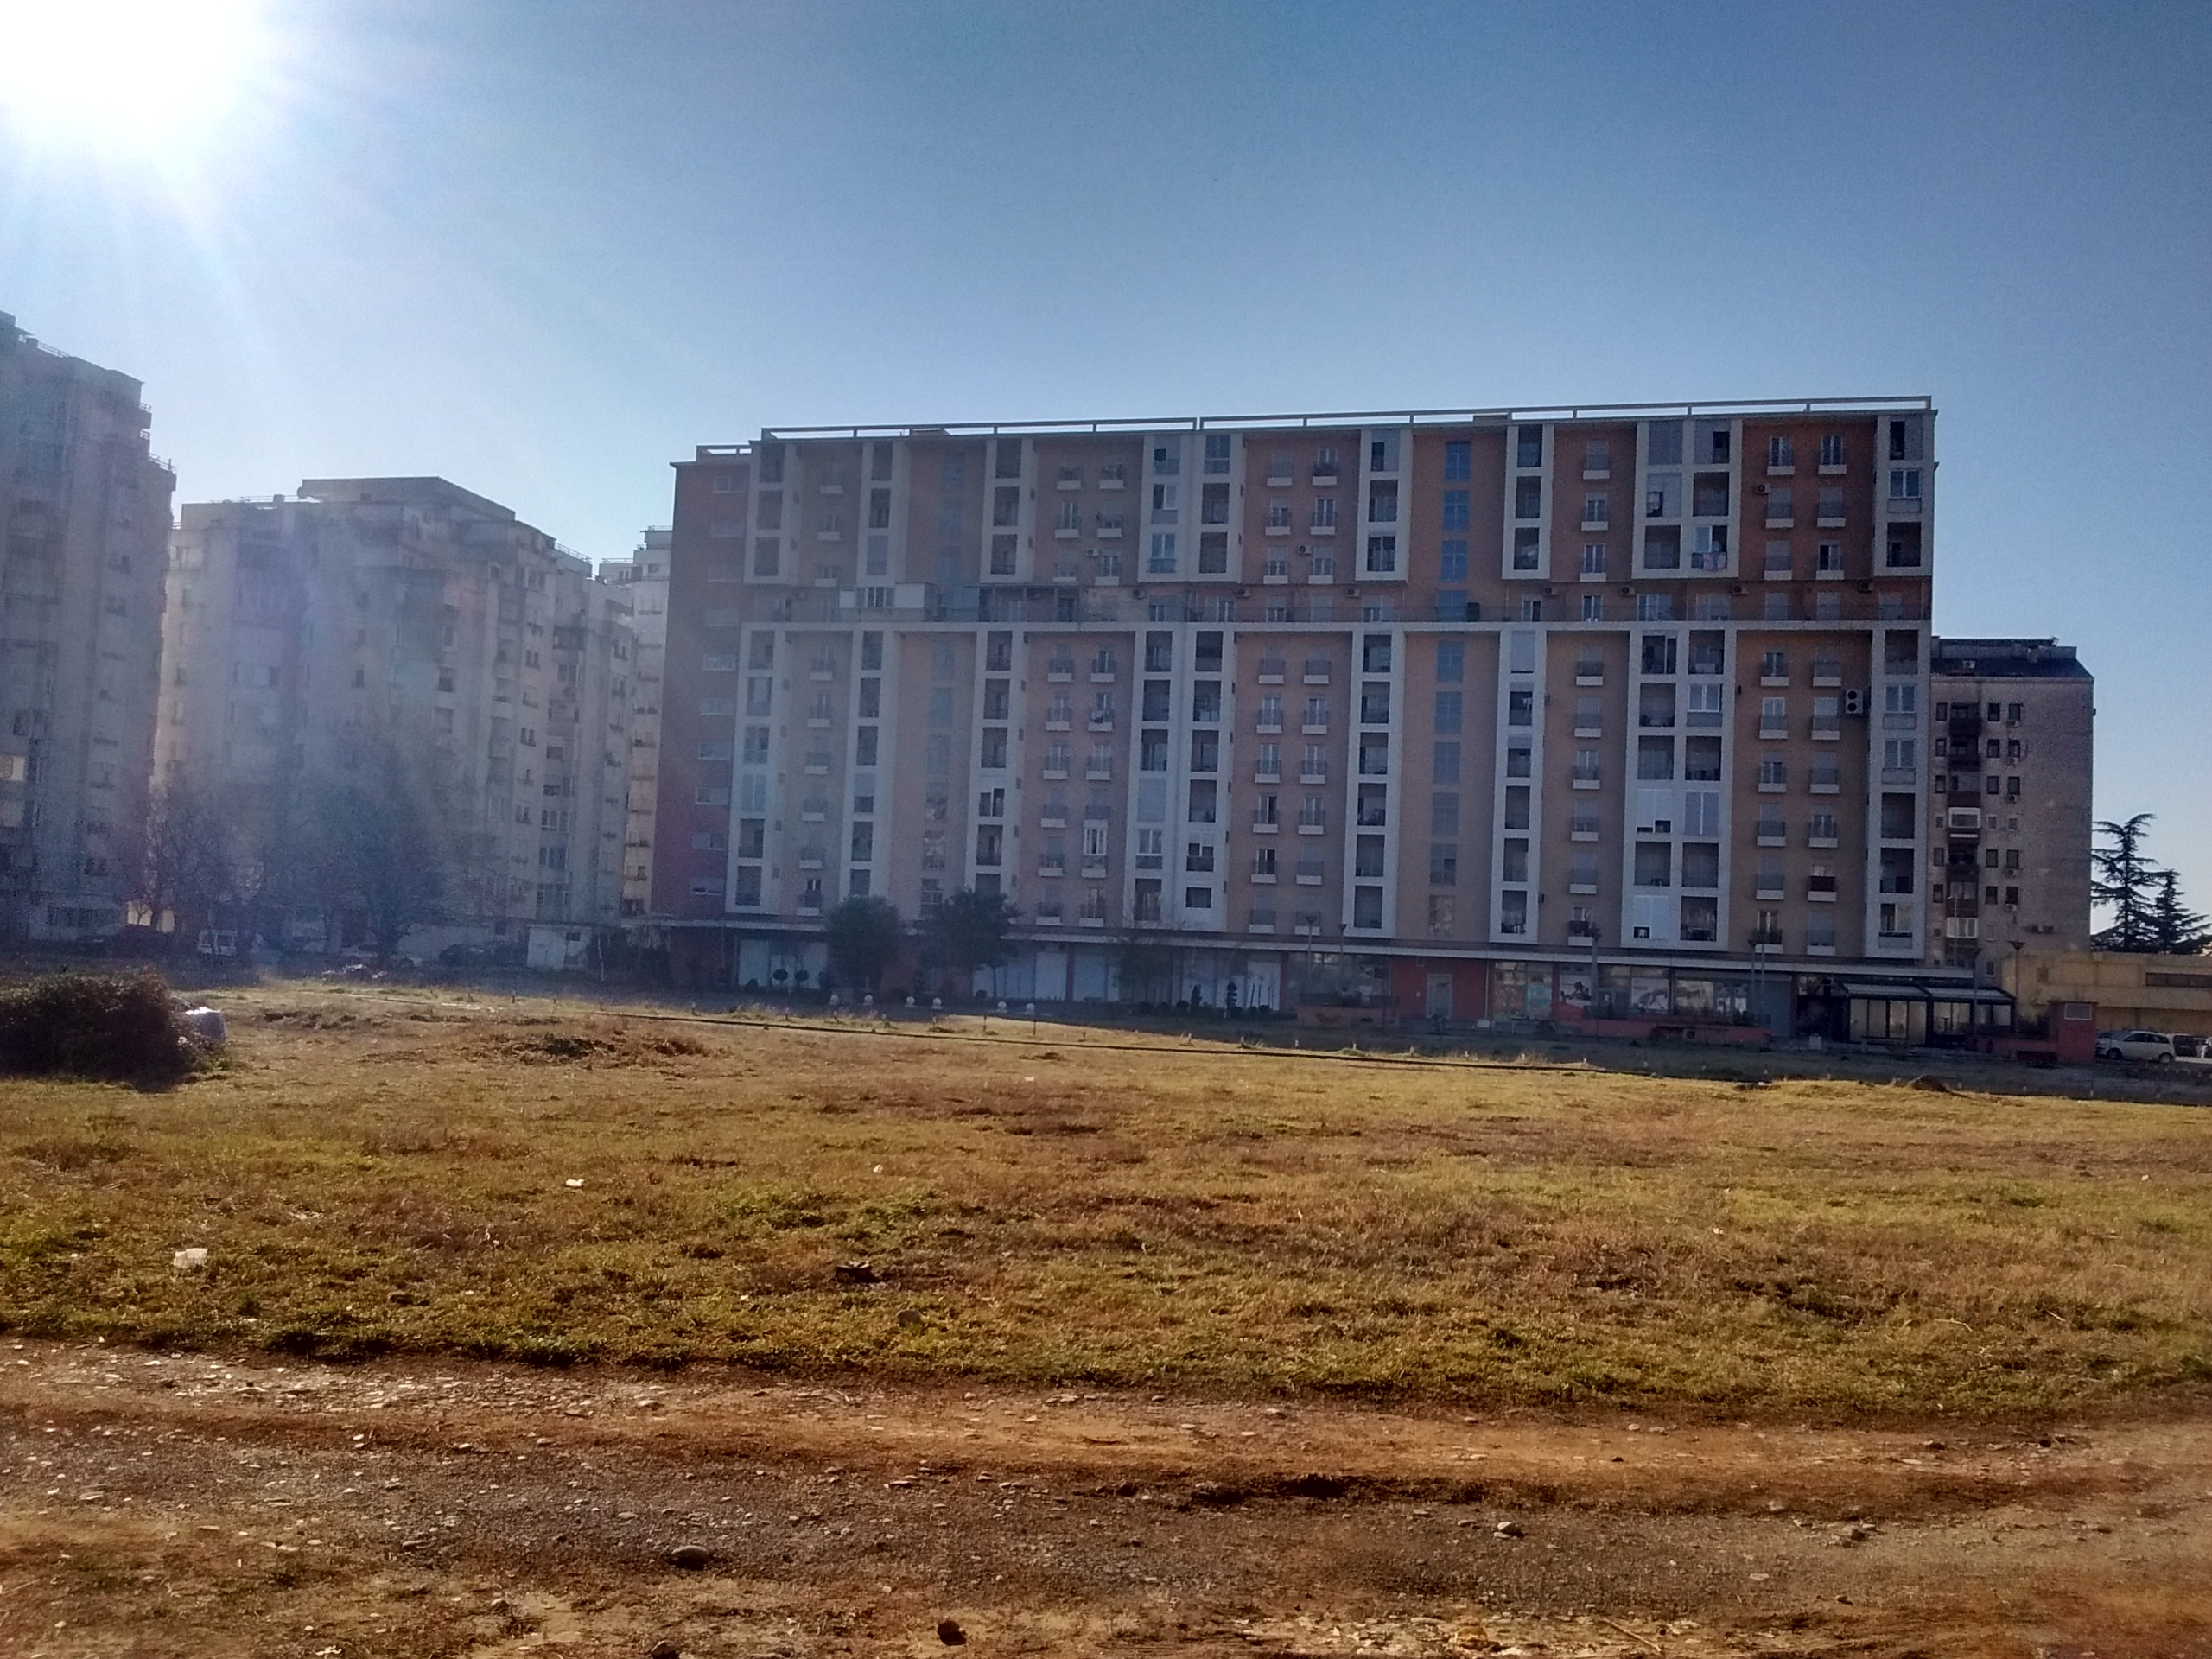 Lokacija budućeg vrtića u Bloku 6, pogled u pravcu juga